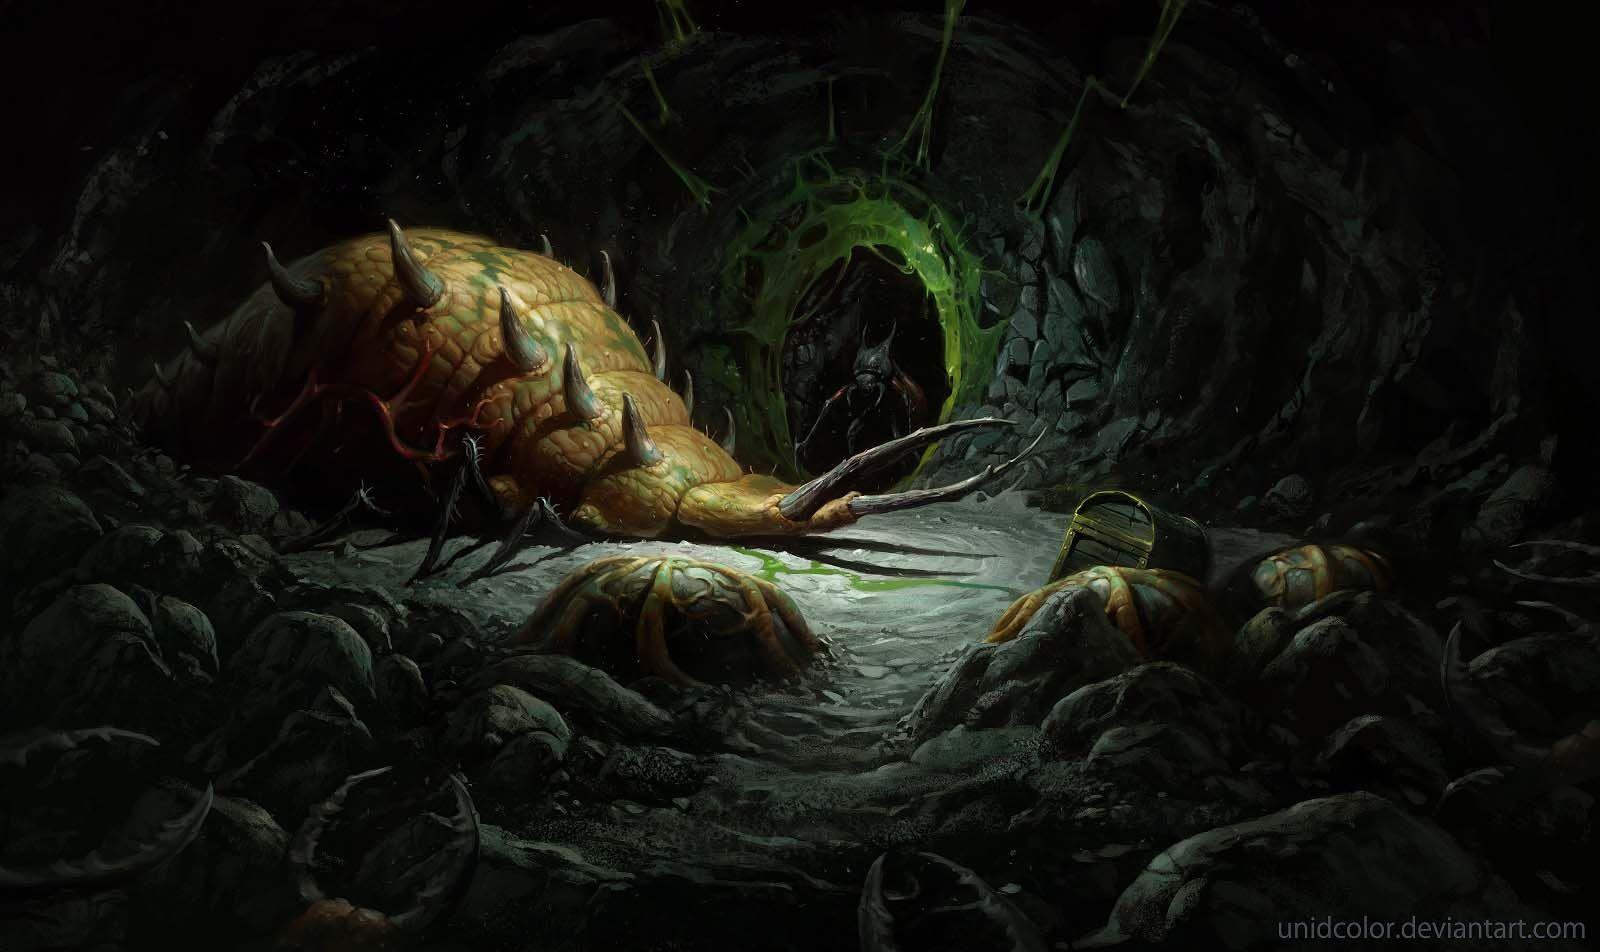 diablo_2 act 2 maggot_lair art by_unidcolor